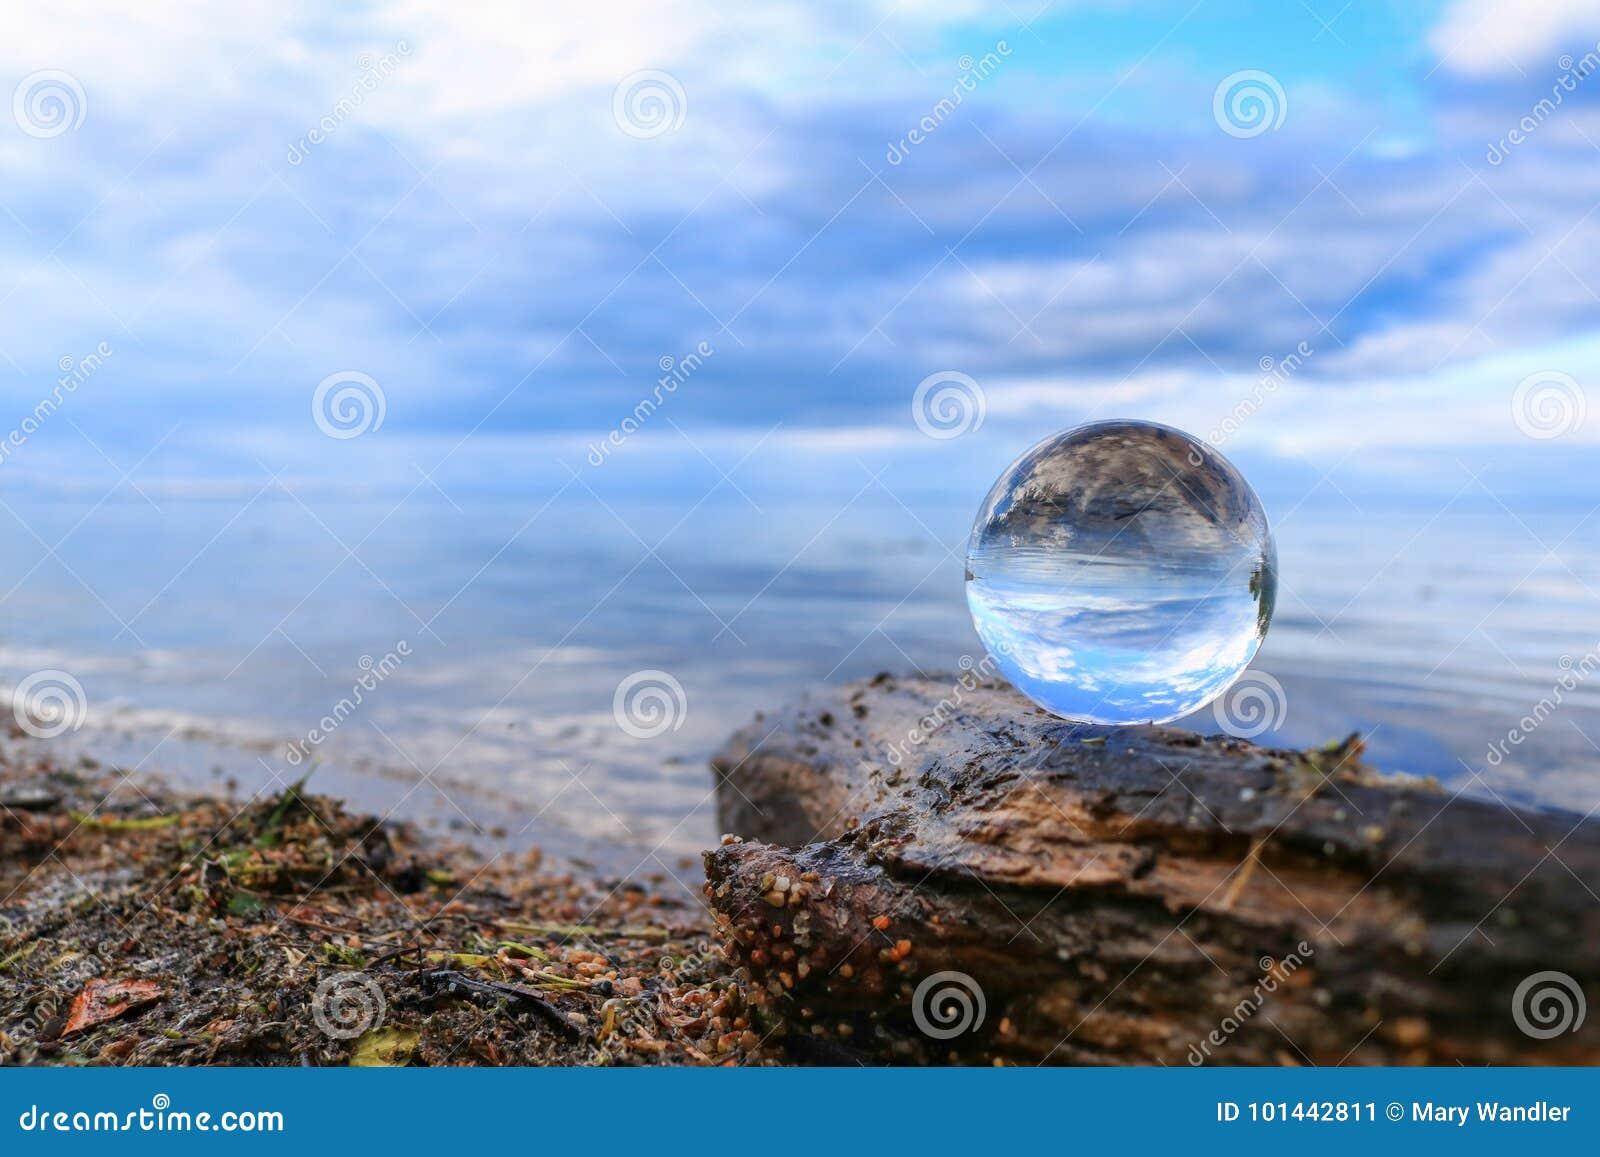 Γαλήνιος μπλε ορίζοντας που απεικονίζει σε μια σφαίρα κρυστάλλου